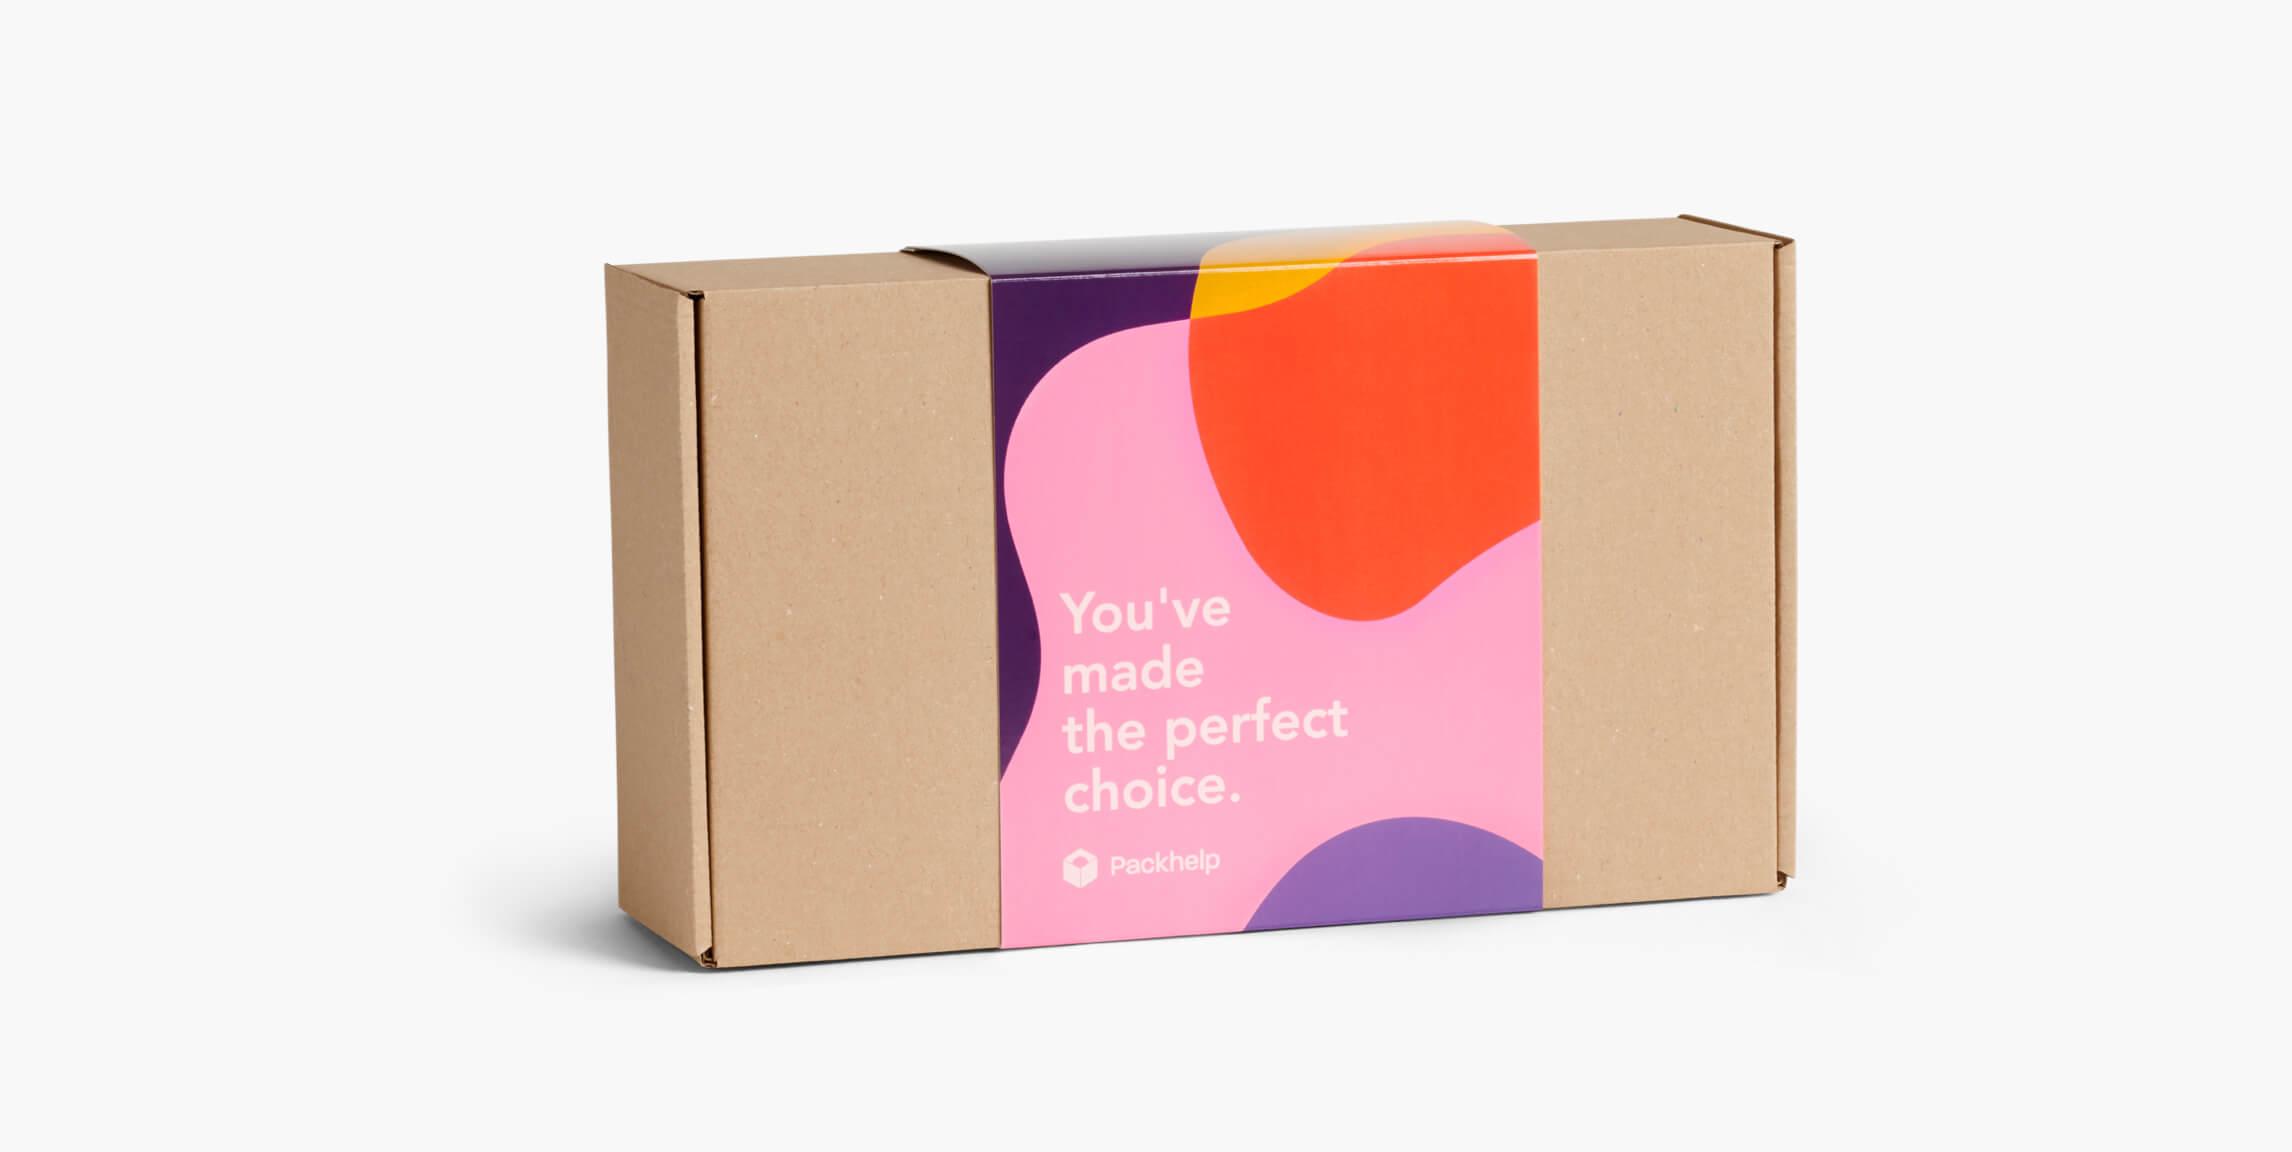 Sleeved Mailer Box - custom packaging - Packhelp